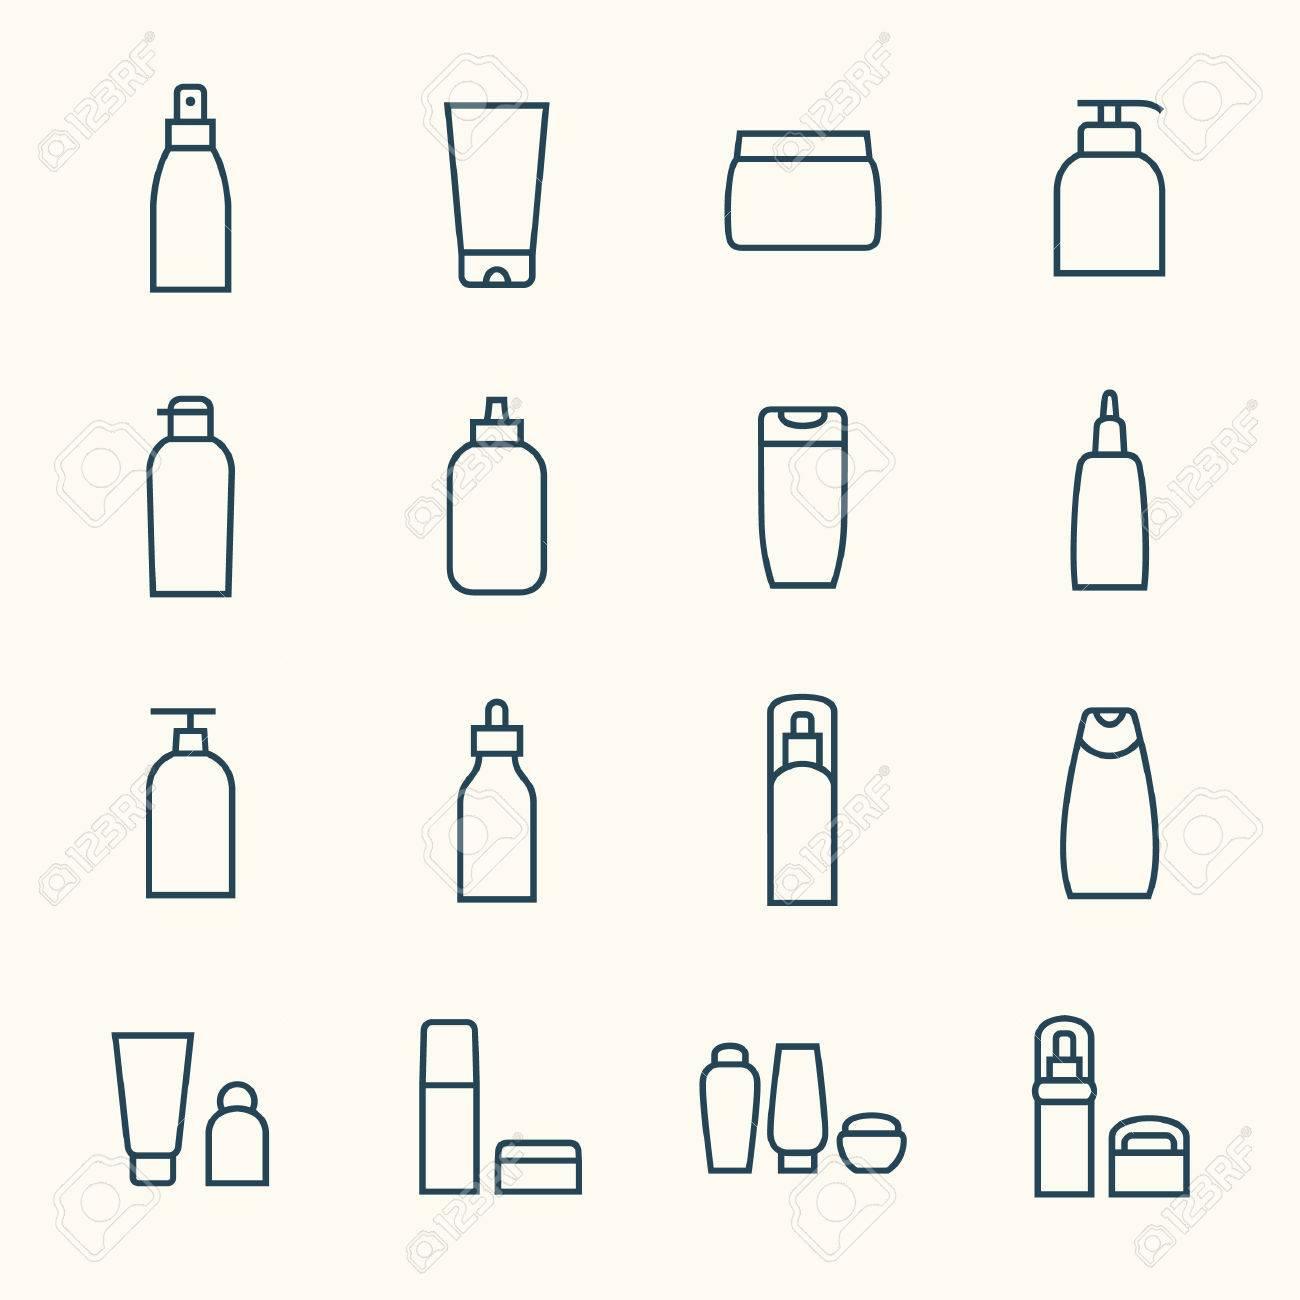 Cosmetics icon set - 43211309